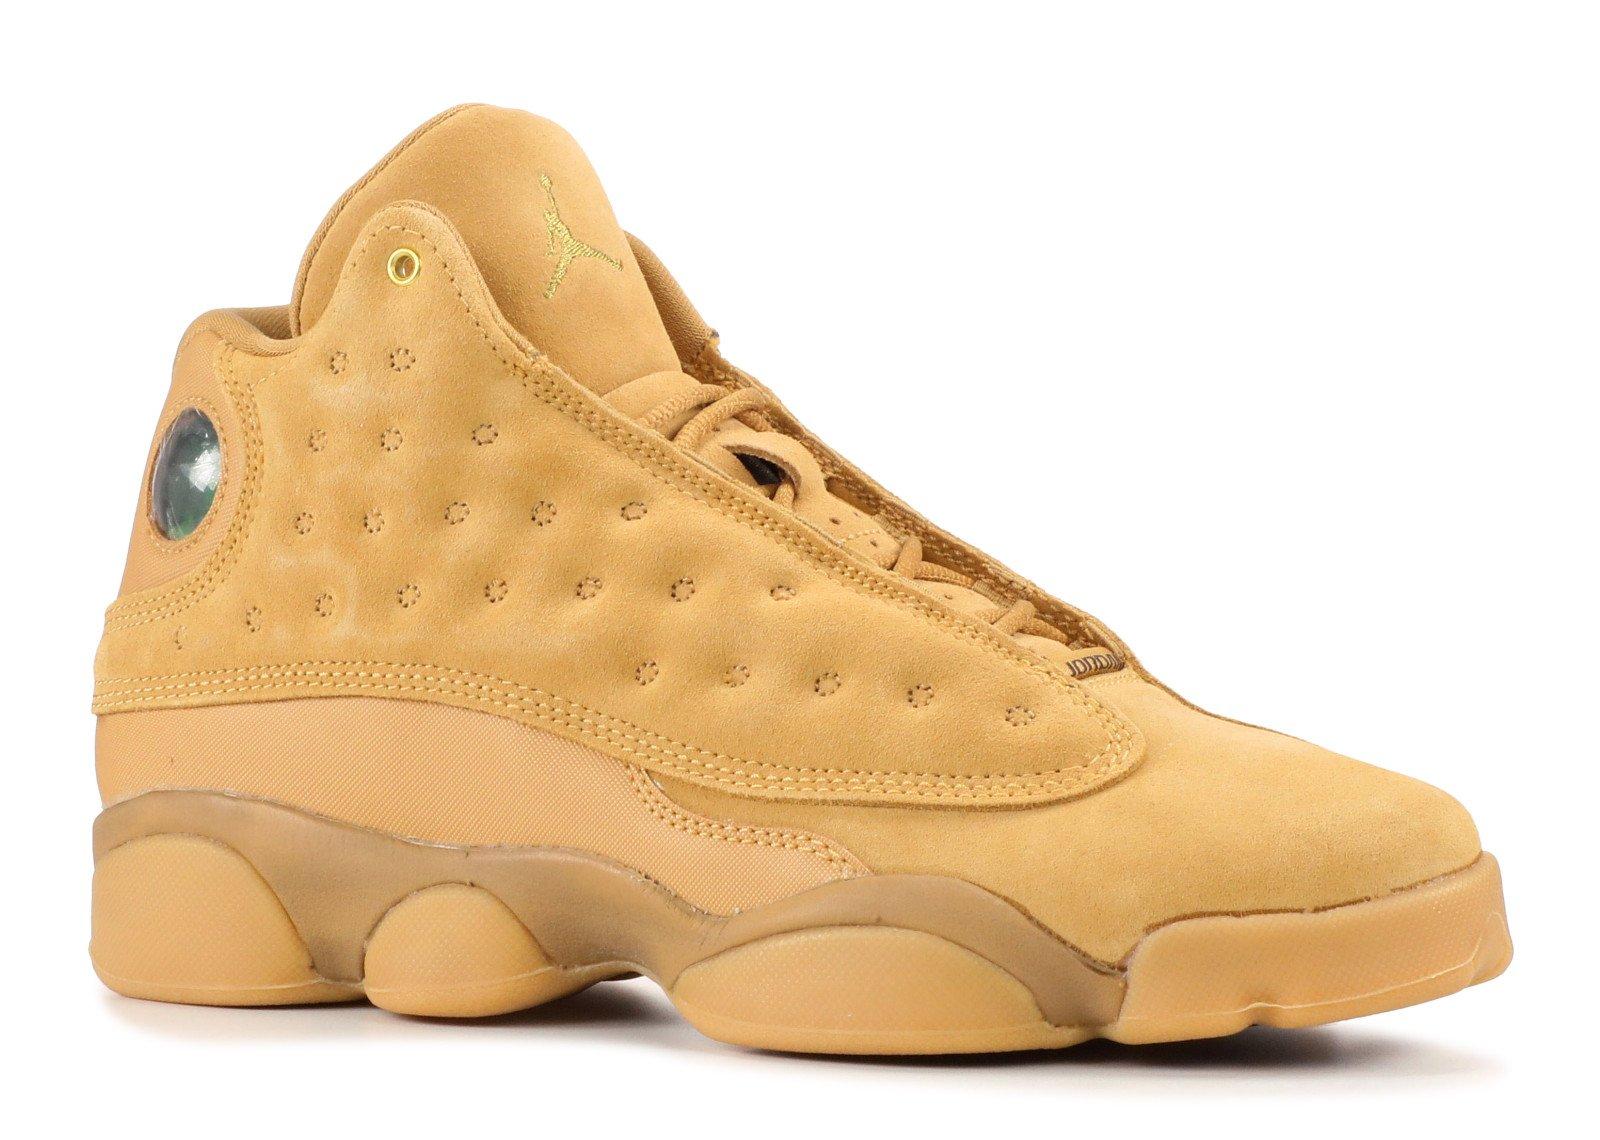 best sneakers 15c0c 88952 NIKE Air Jordan 13 XIII GS BG Boys Kids Youth Wheat Brown 414574-705 US  Size 7Y